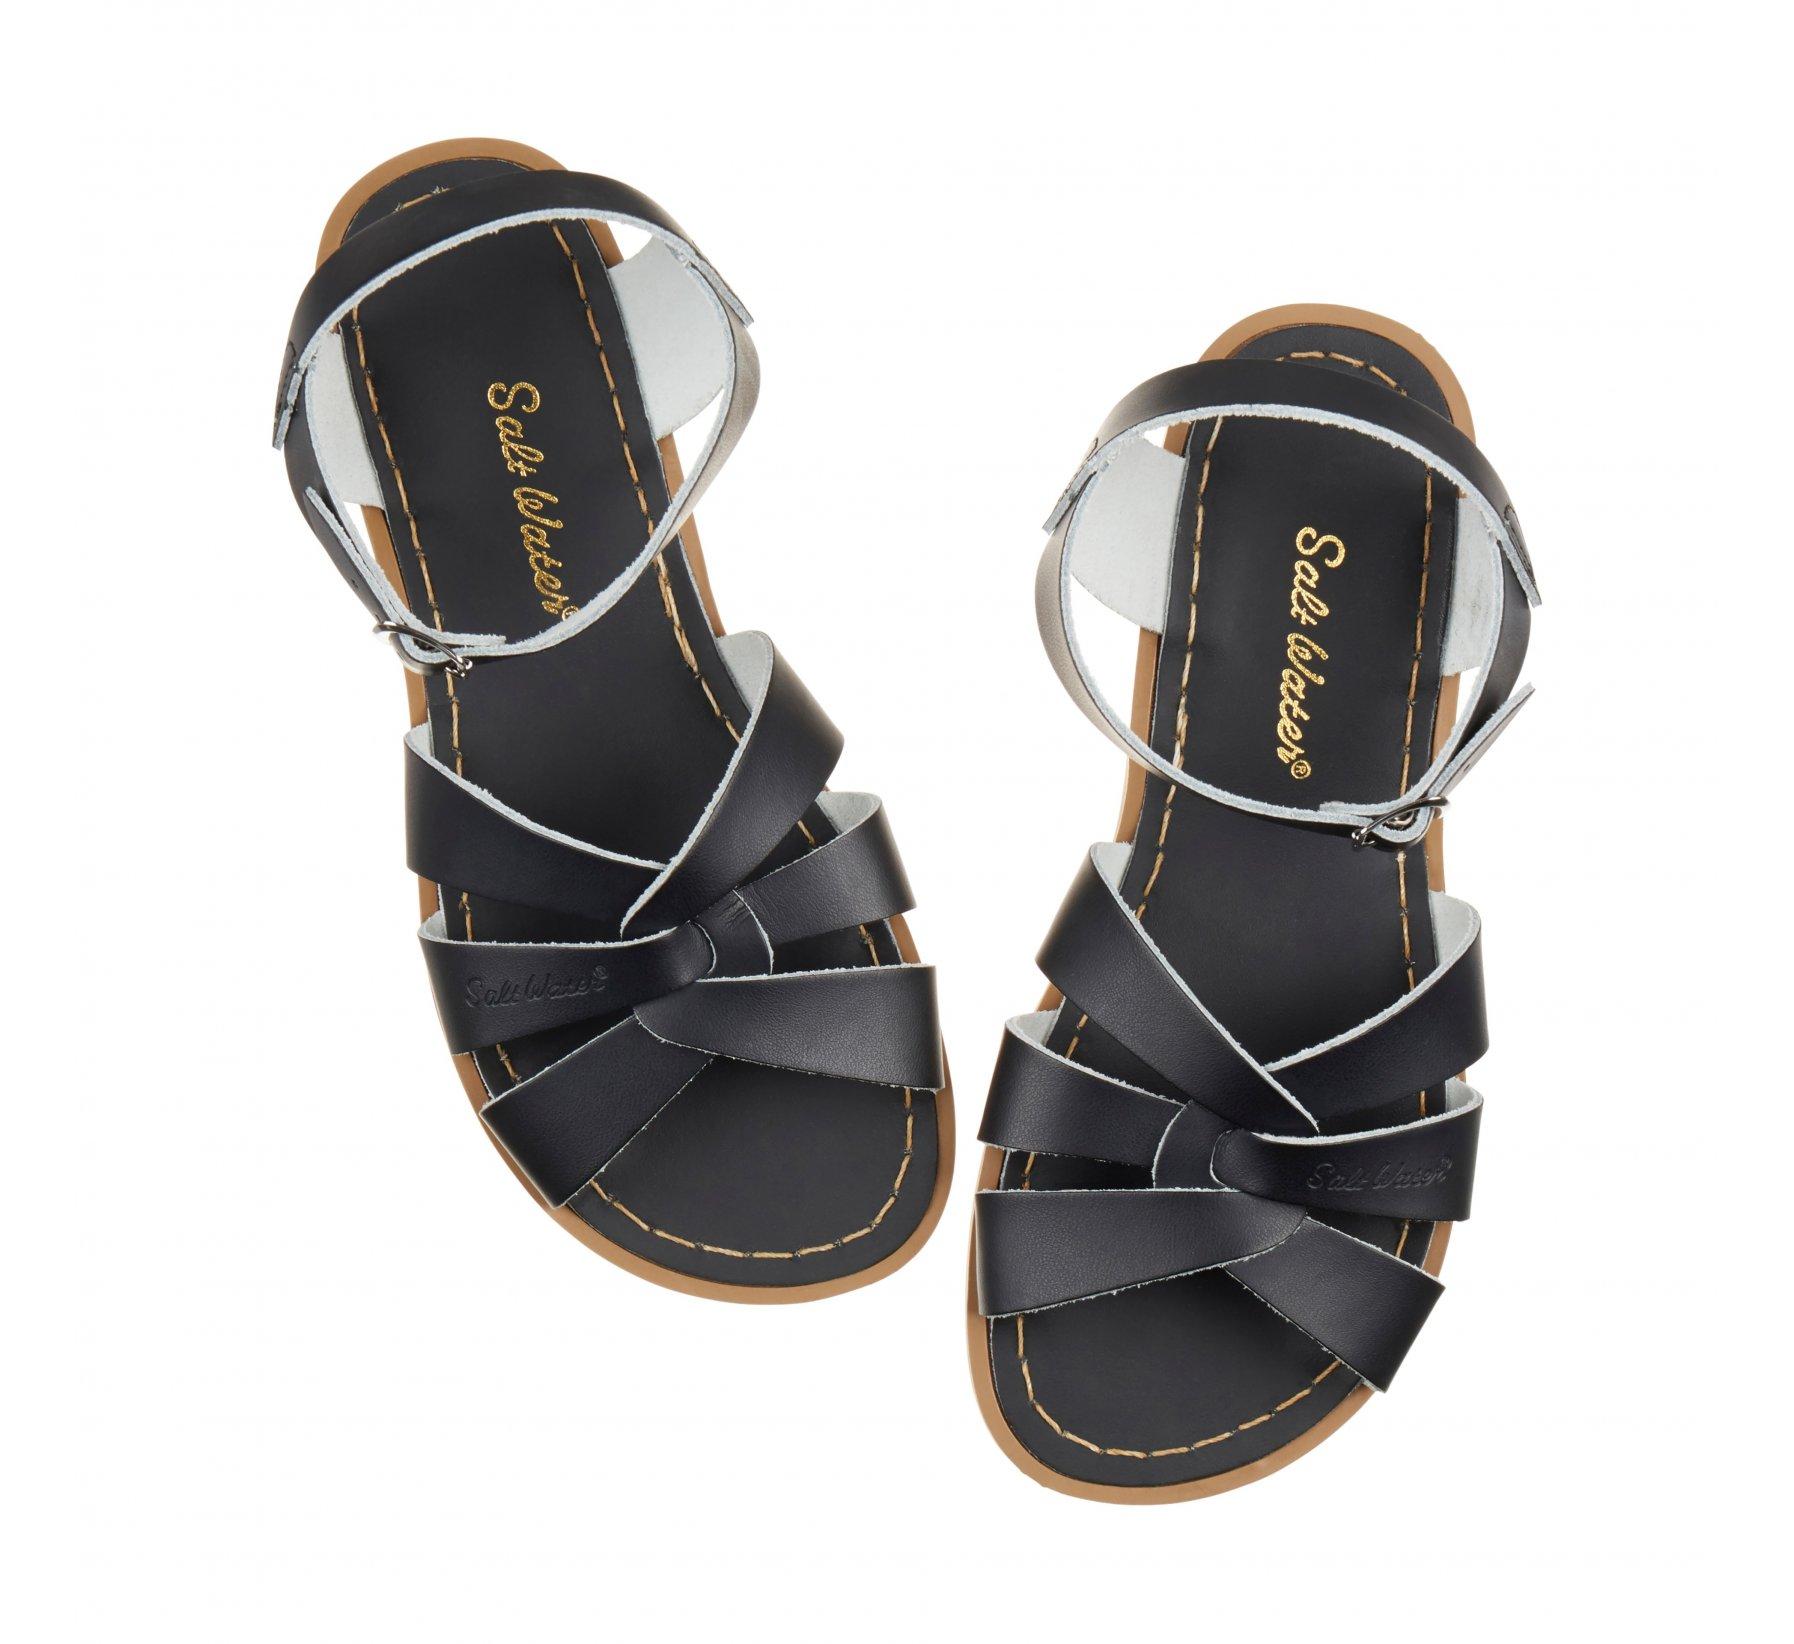 Original Noir - Salt Water Sandals